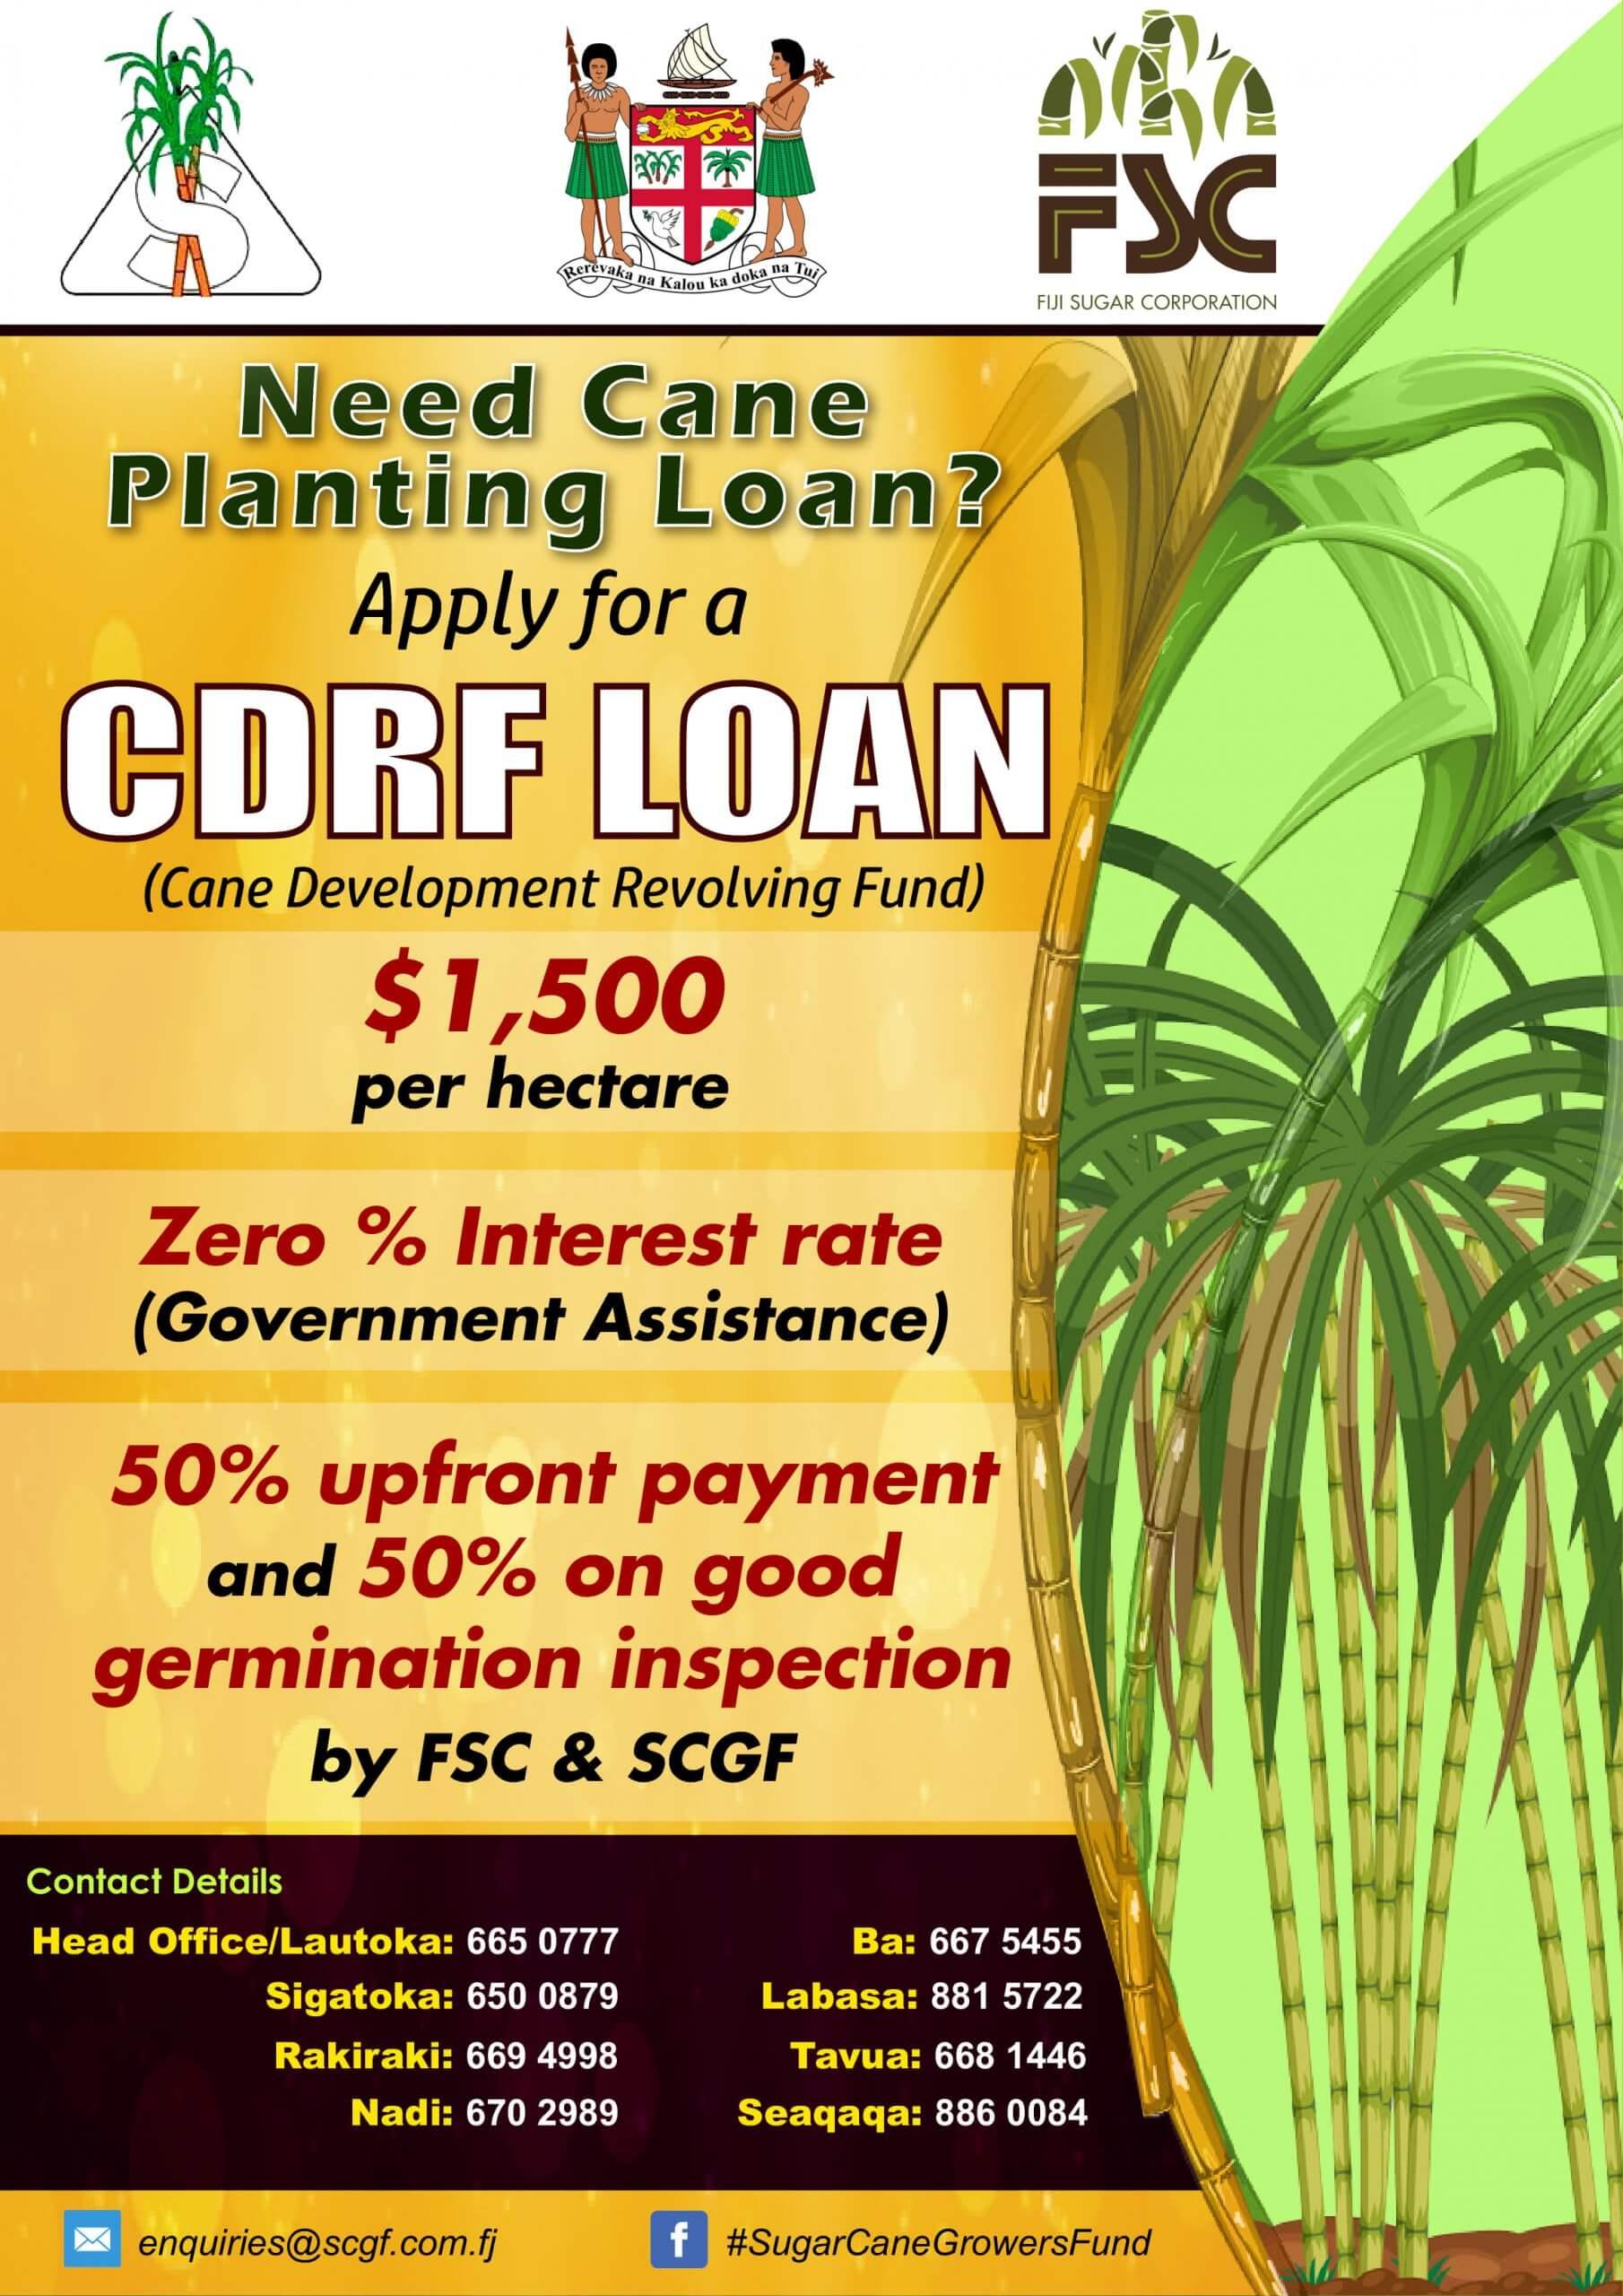 CDRF Loan